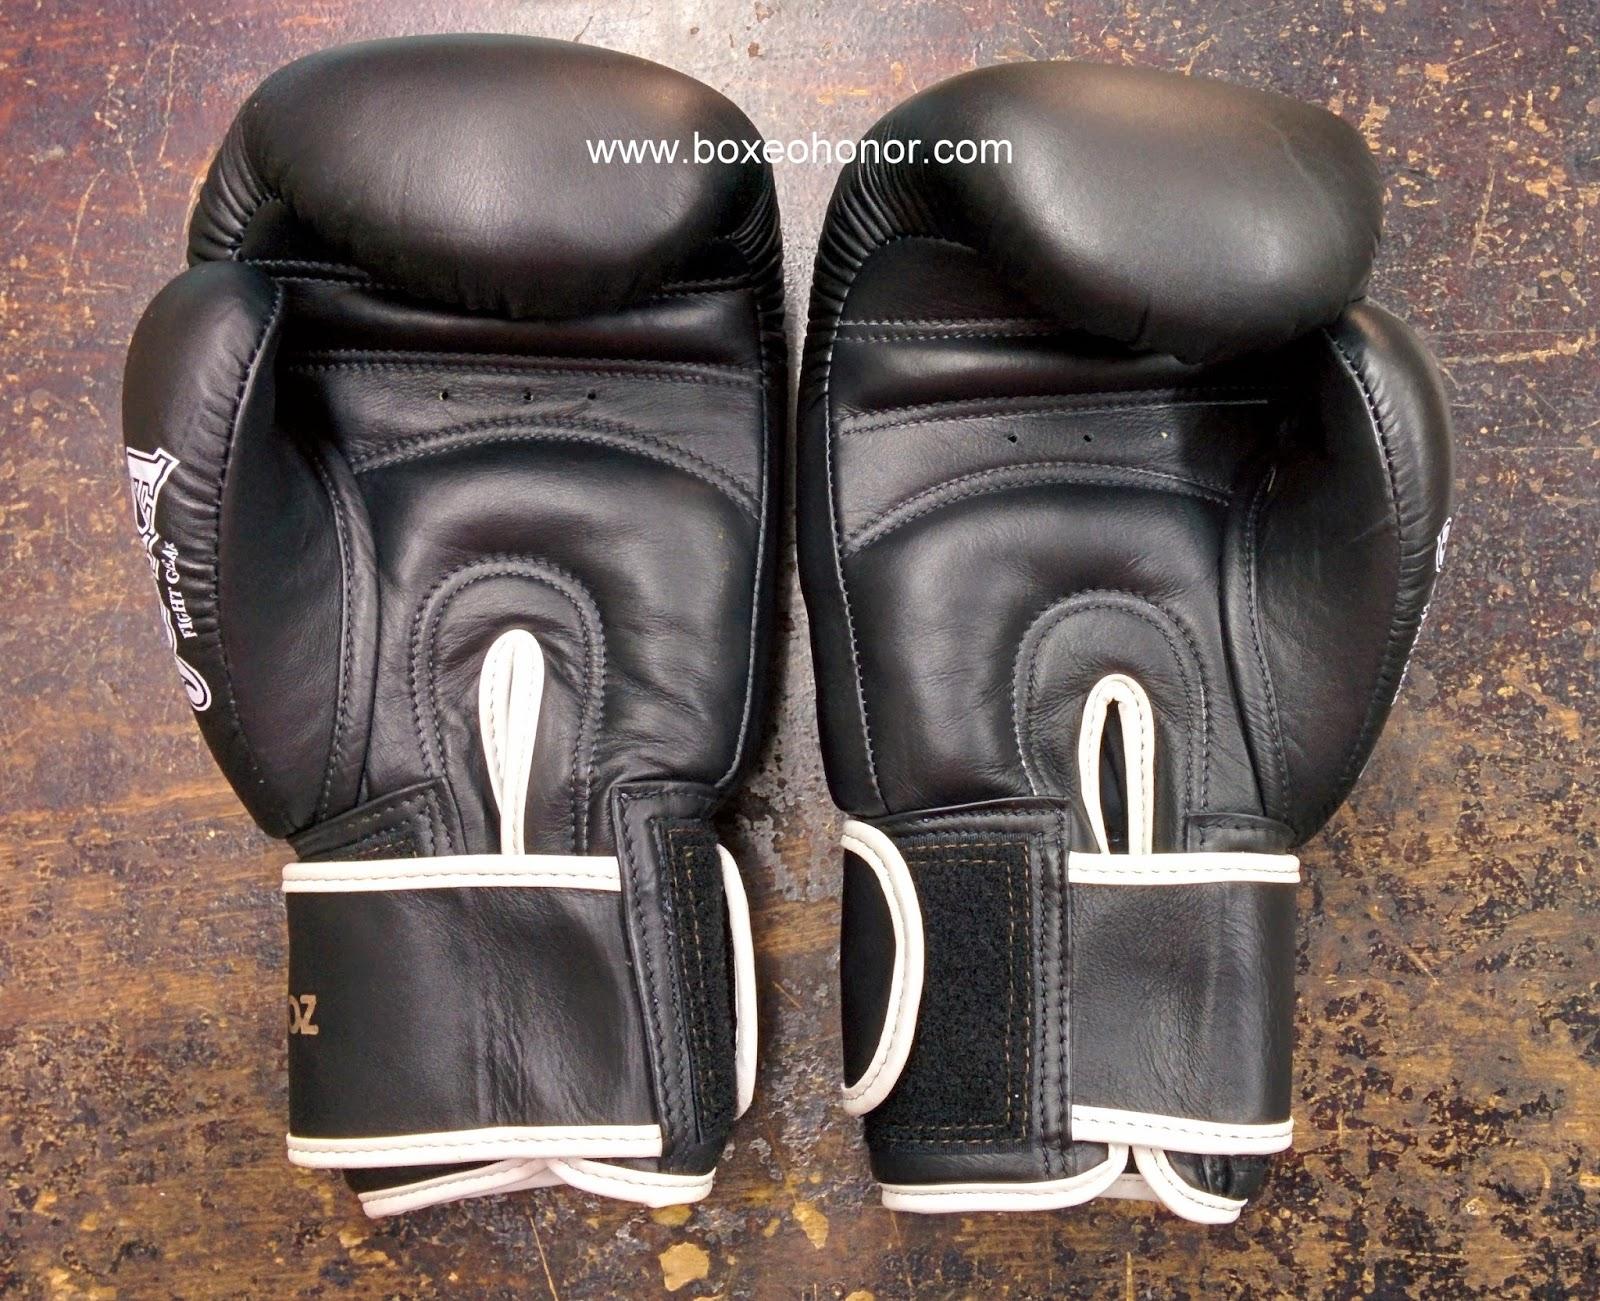 guantes de thai boxing joya